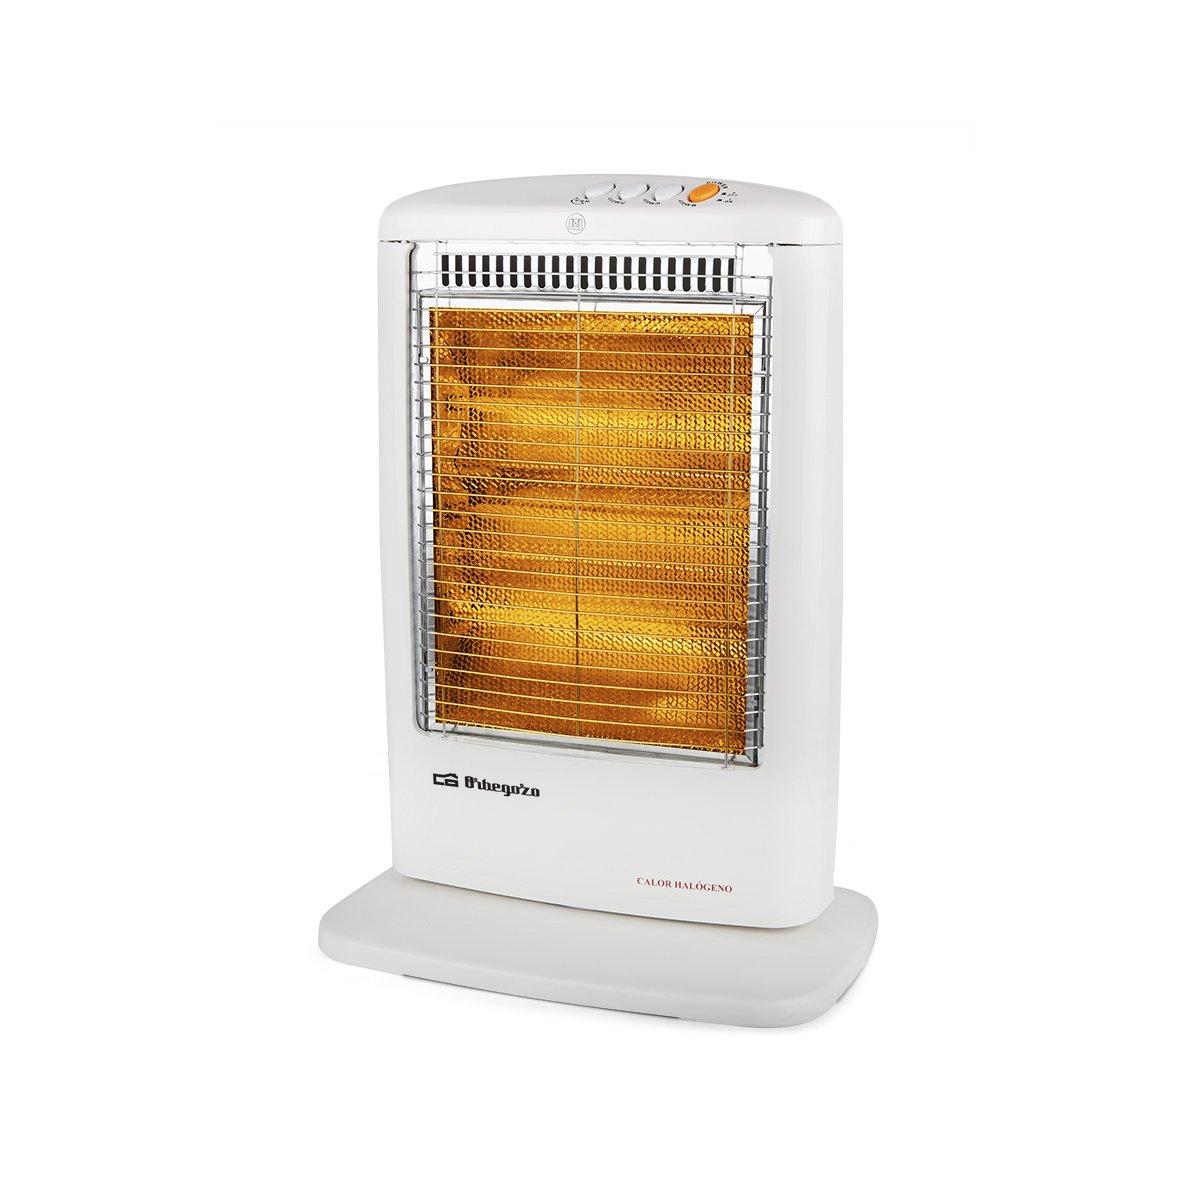 Orbegozo BP 0303 - Estufa eléctrica halógena, movimiento oscilante, 1200 W de potencia, 3 niveles de funcionamiento: Amazon.es: Hogar